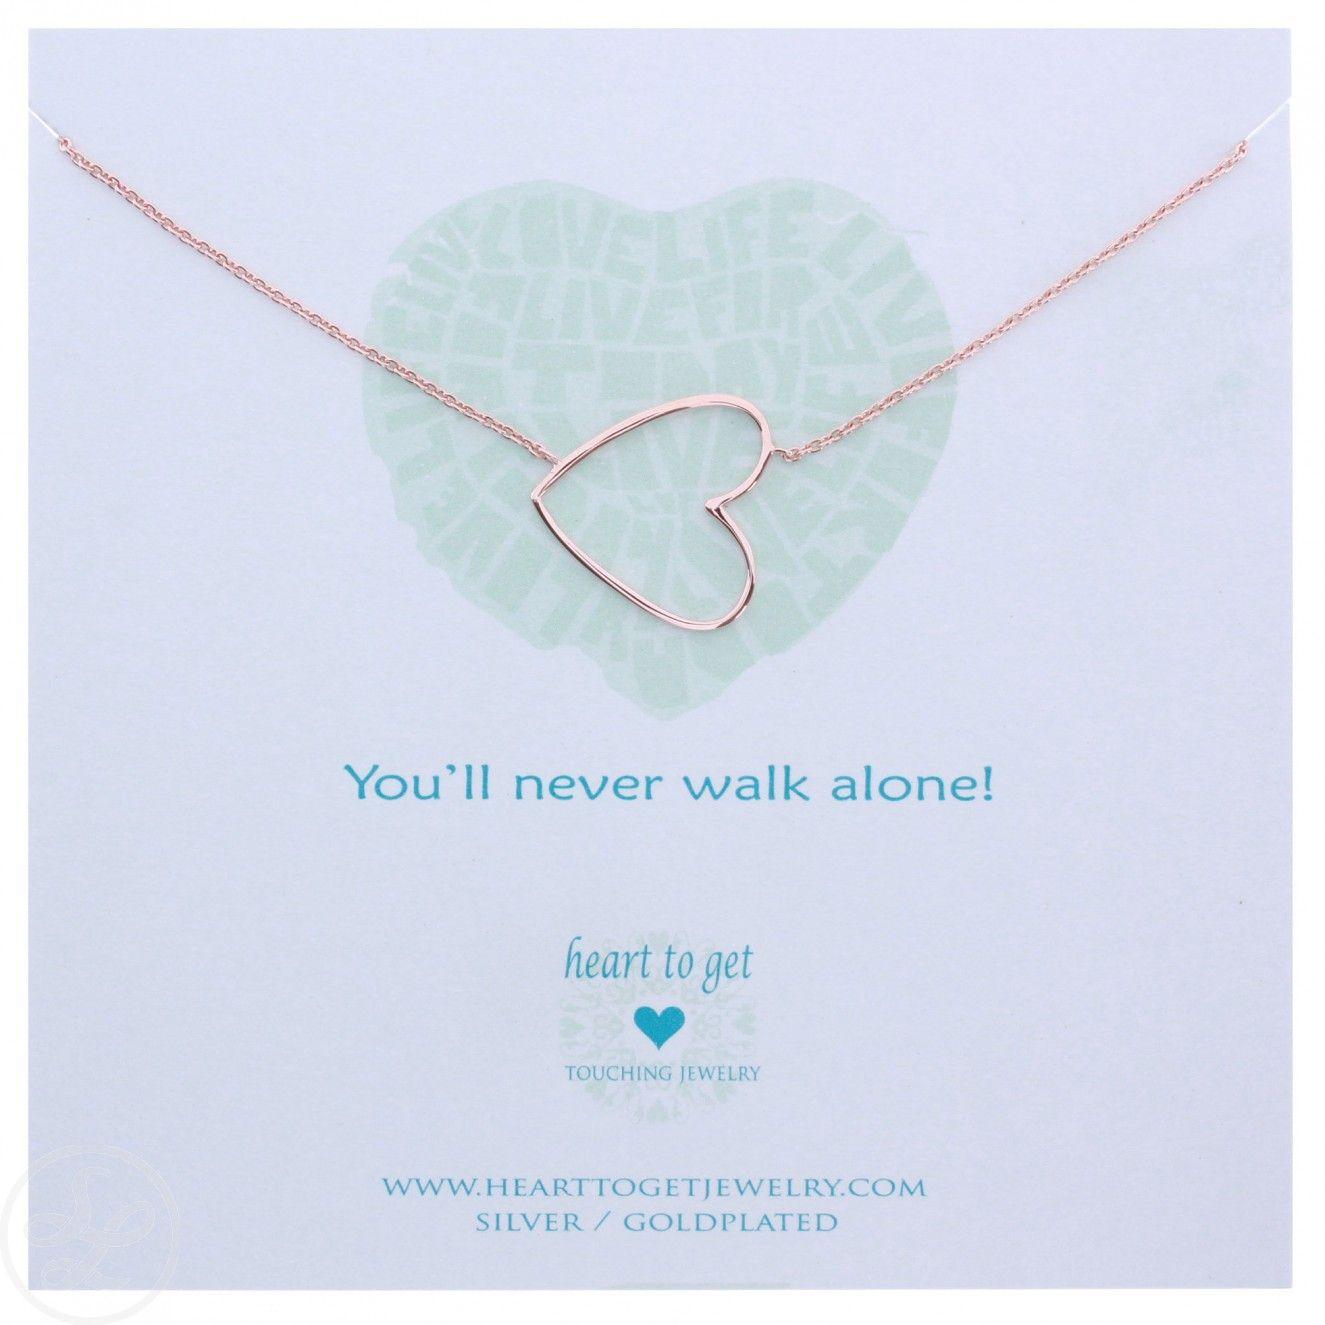 Heart to Get Ketting Big Heart Rose Goud @ www.selectedlabels.com